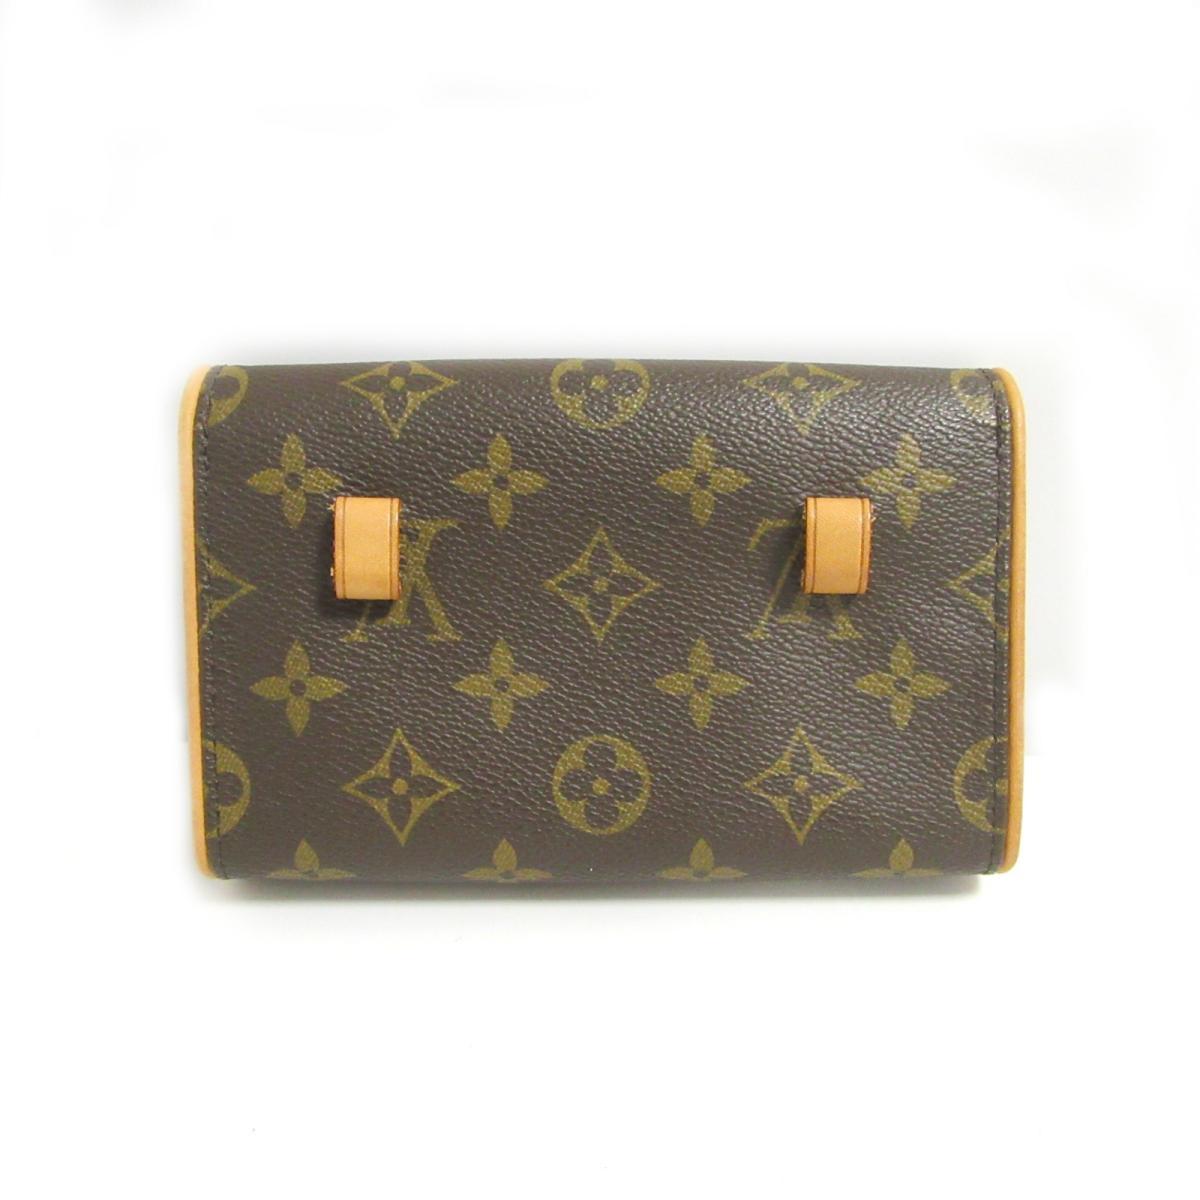 d58f4632c4 ... Auth LOUIS VUITTON Pochette Florentine S waist pouch M51855 + M67304  Monogram | BRANDOFF Ginza/ ...